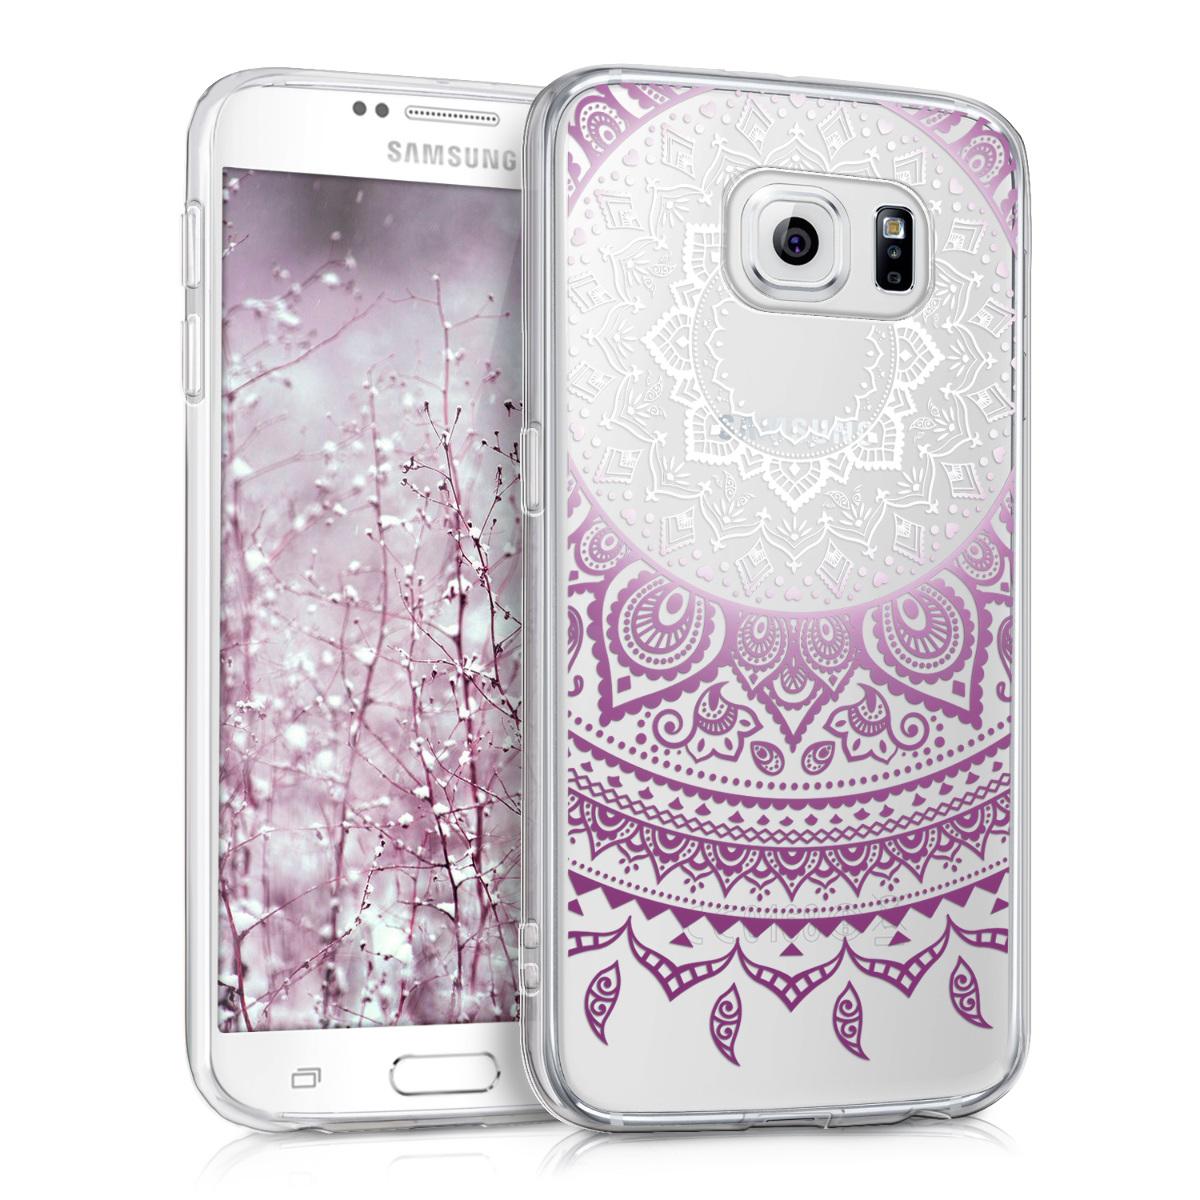 Kvalitní silikonové TPU pouzdro pro Samsung S6 | S6 Duos - indické slunce fialové / bílé / transparentní